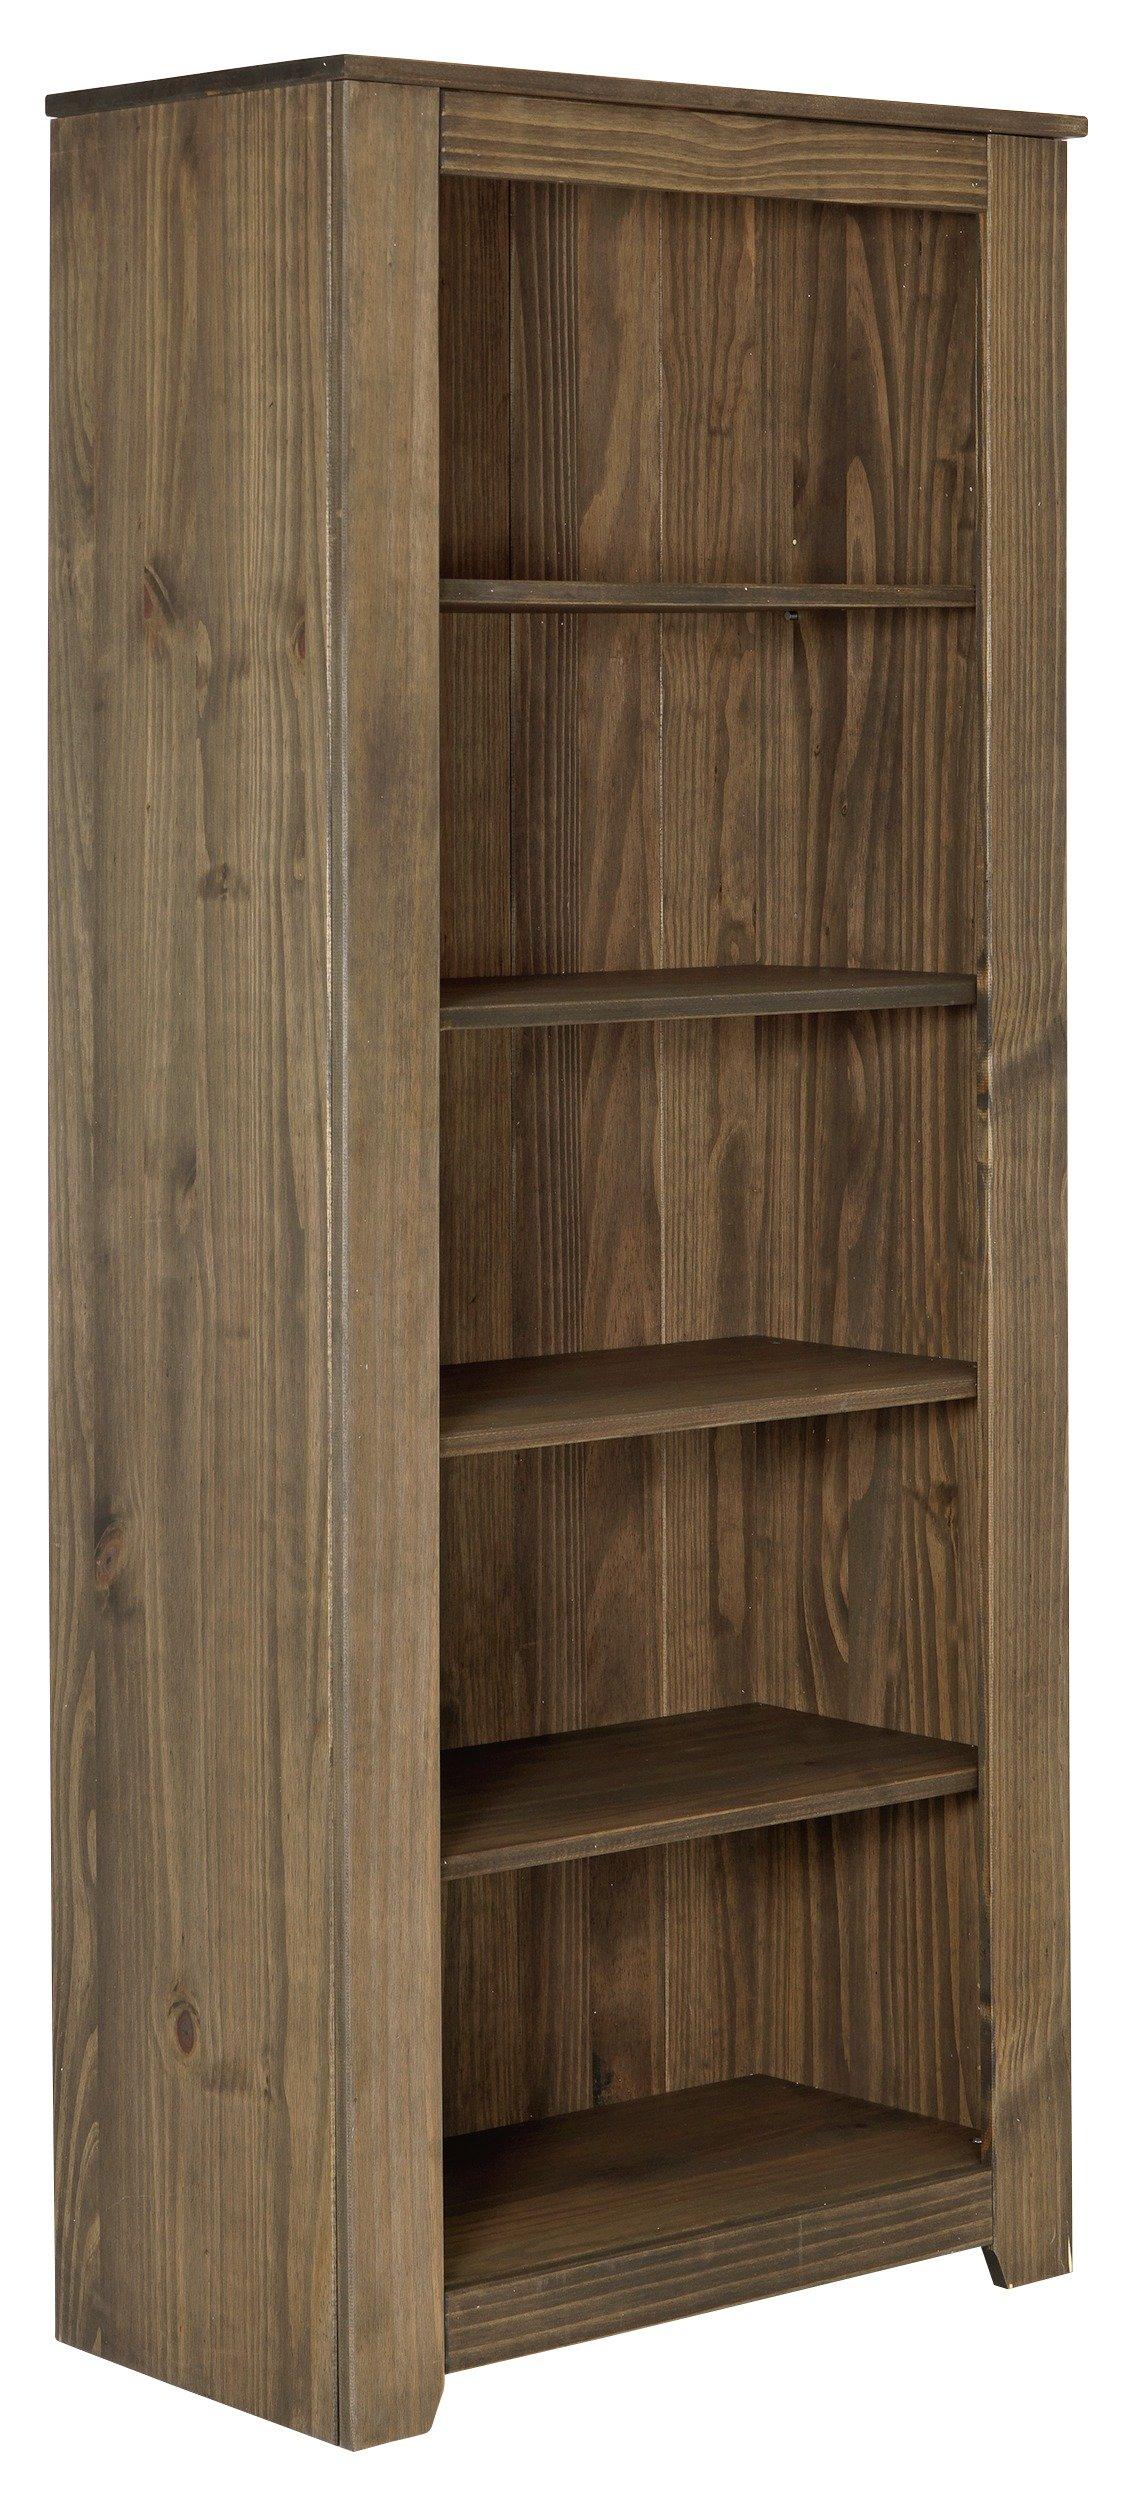 Argos Home Amersham Solid Wood Bookcase - Dark Pine